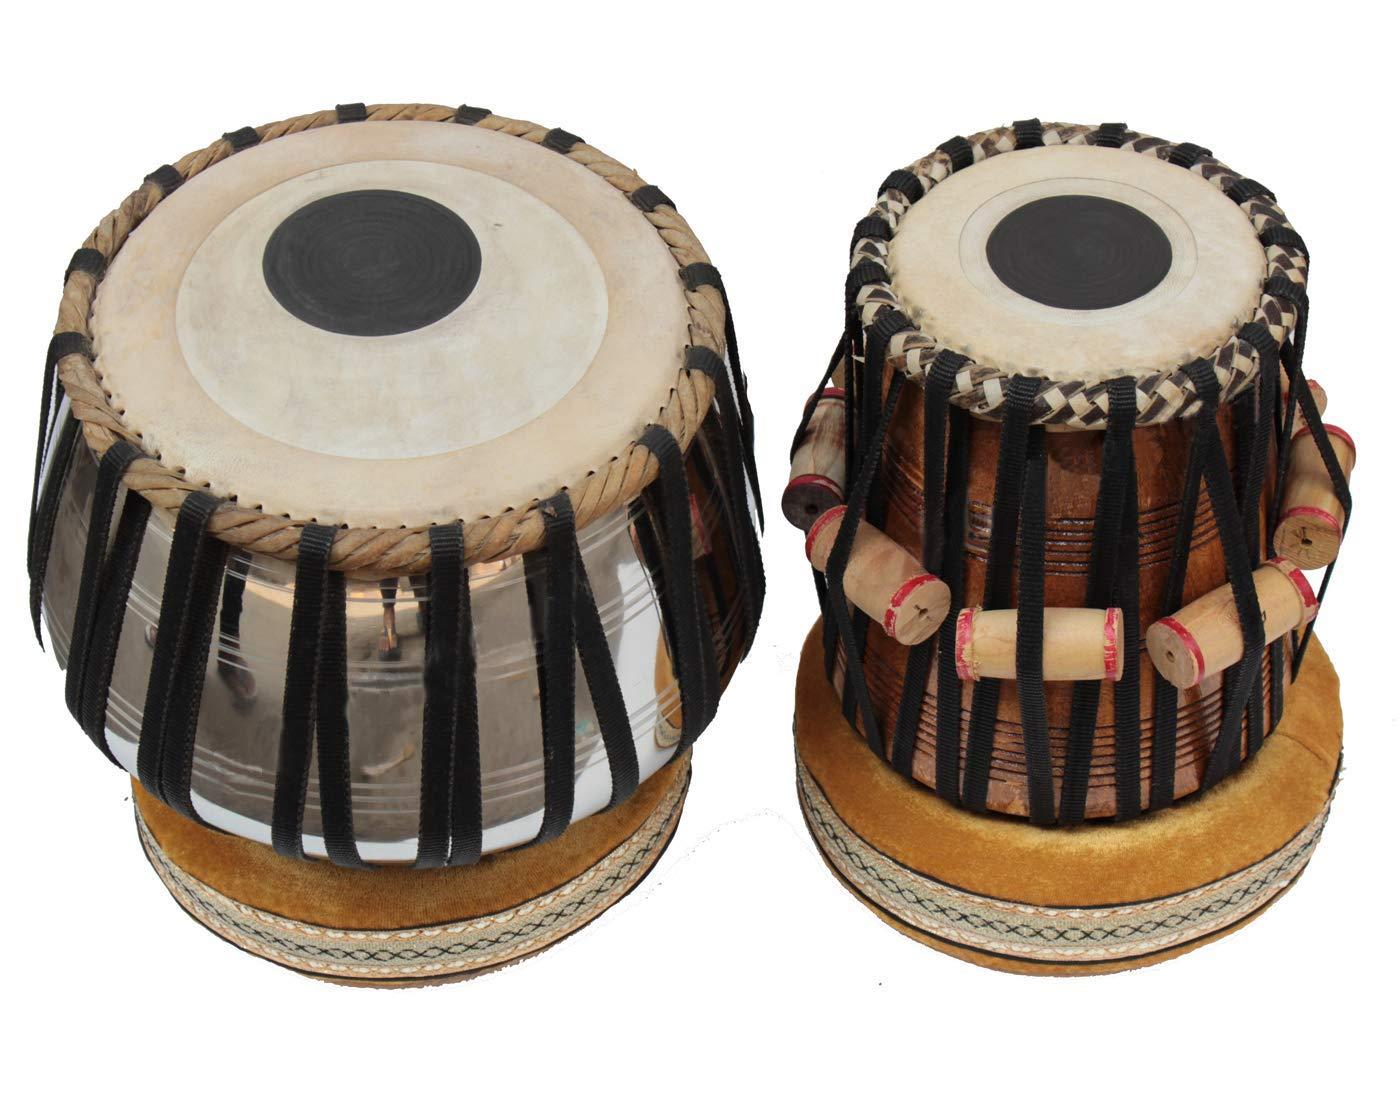 最先端 Makan Bayan B07QGZCB9Q & & Dayan with Tabla Set Percussion Musical Instrument with Carry Bag & Cushion B07QGZCB9Q, マイミシン:c423632f --- a0267596.xsph.ru